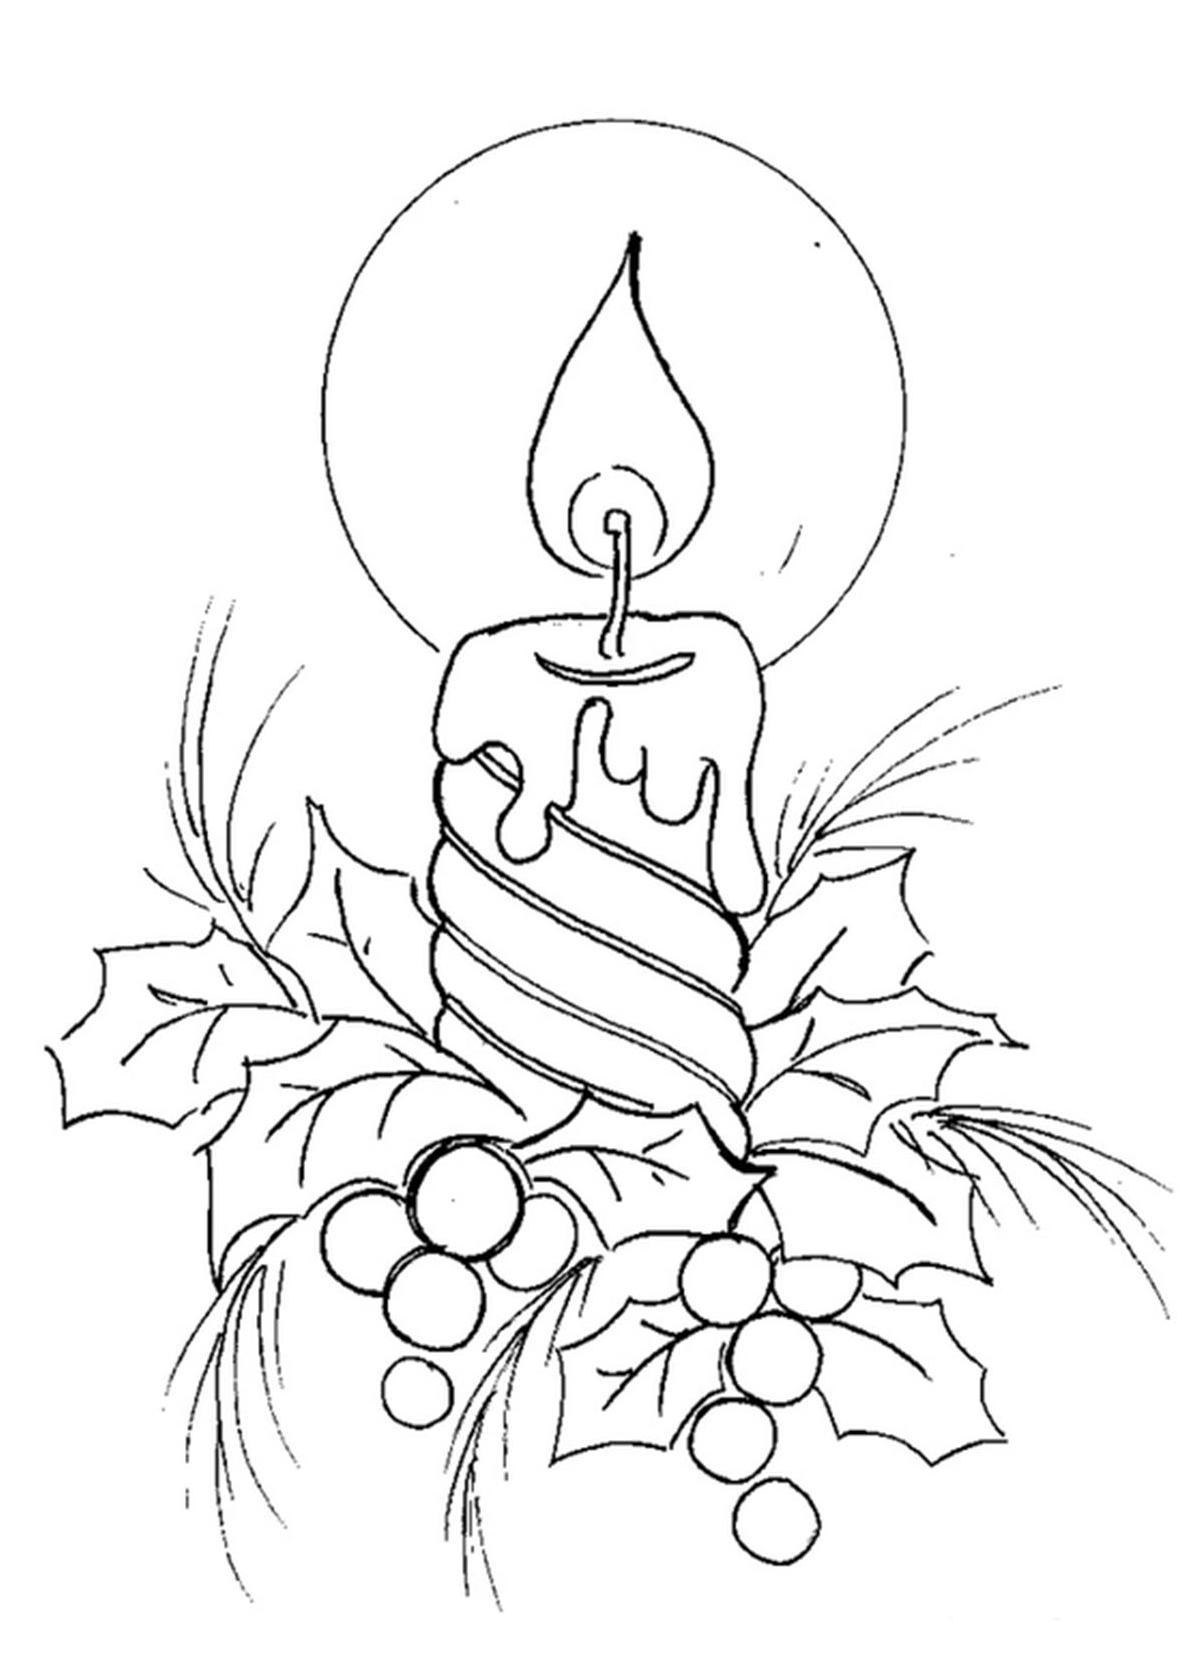 Черно белая красивая новогодняя картинка для распечатки